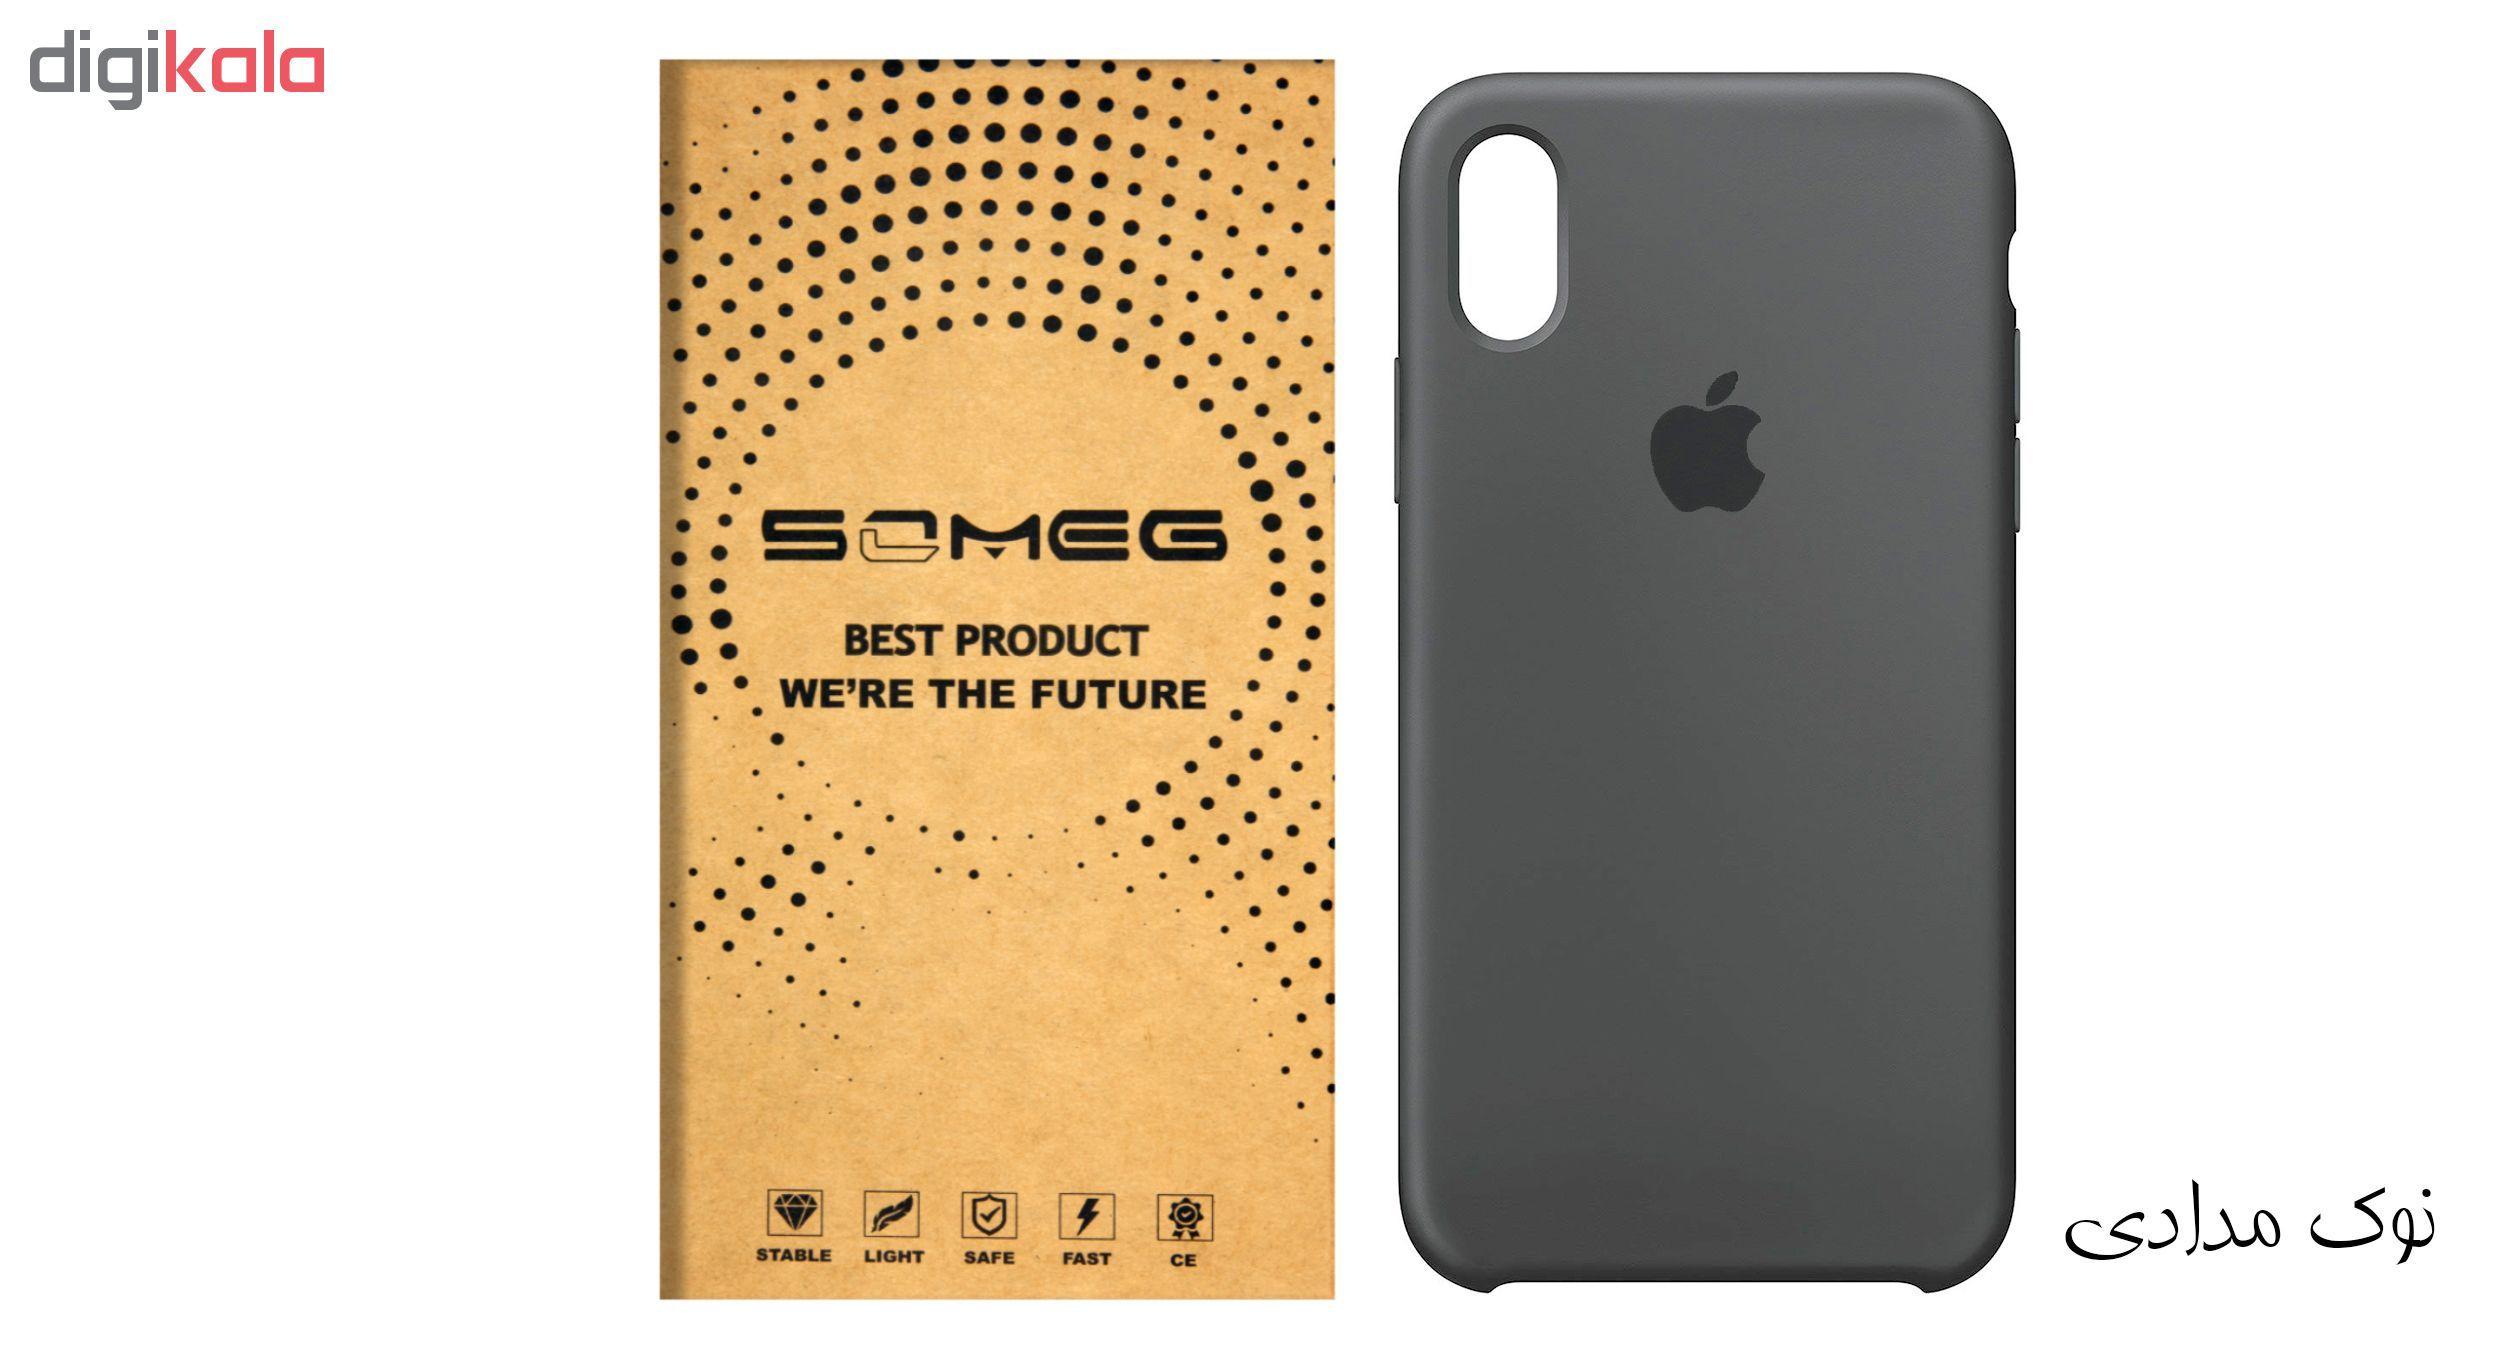 کاور سیلیکونی سومگ مدل 006 مناسب برای گوشی موبایل آیفون 10 main 1 2